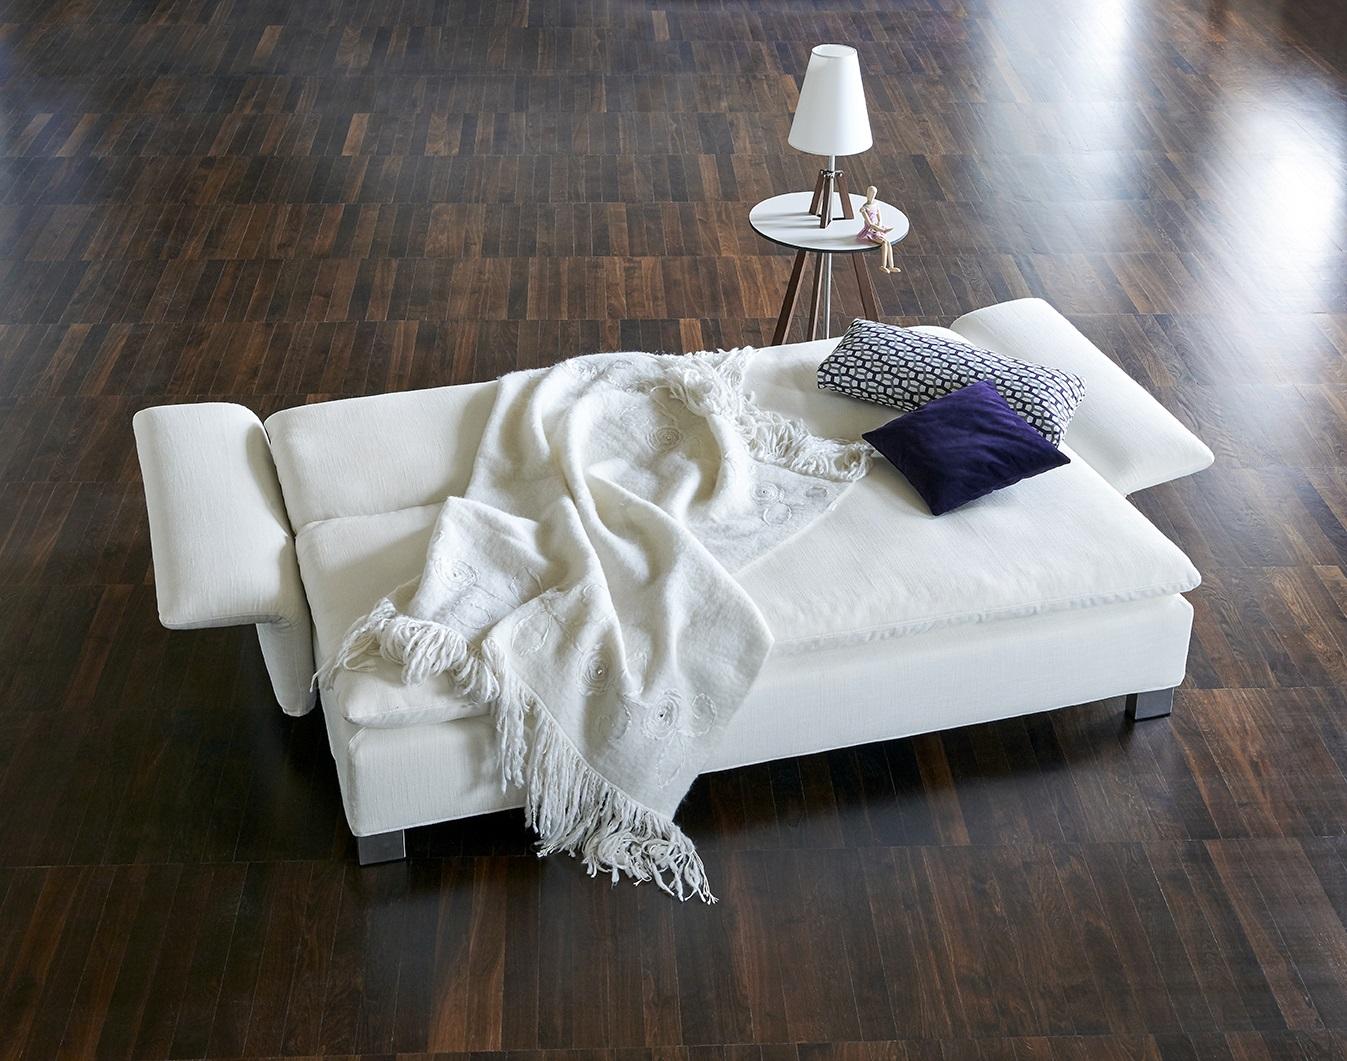 sofasystem ida biom bel bonn. Black Bedroom Furniture Sets. Home Design Ideas